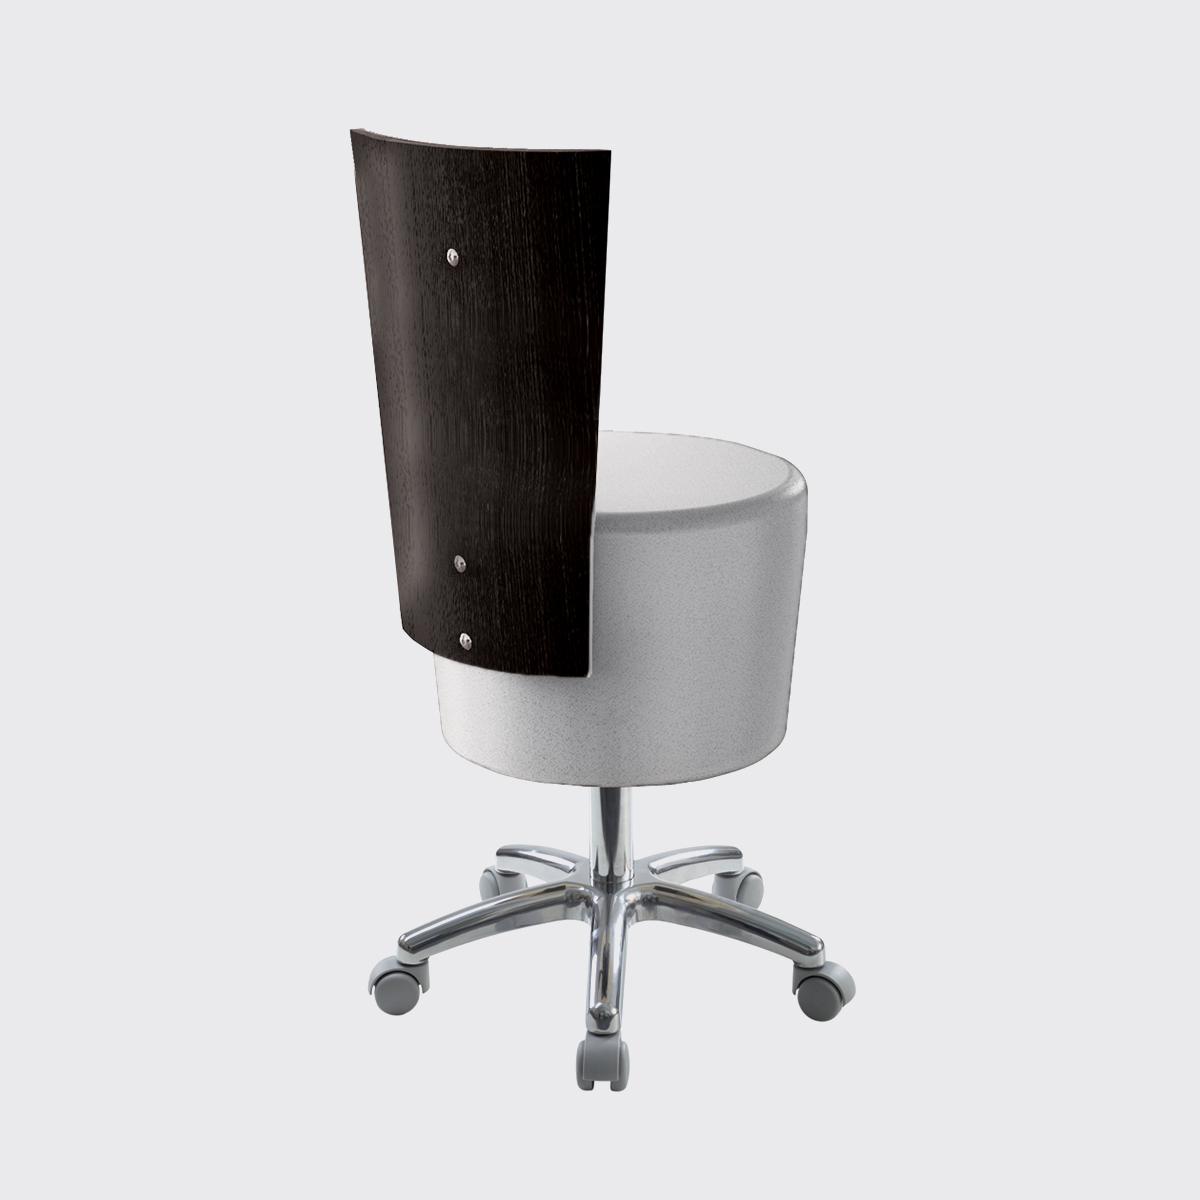 Tabouret-Suite-Stool-schienale-standard